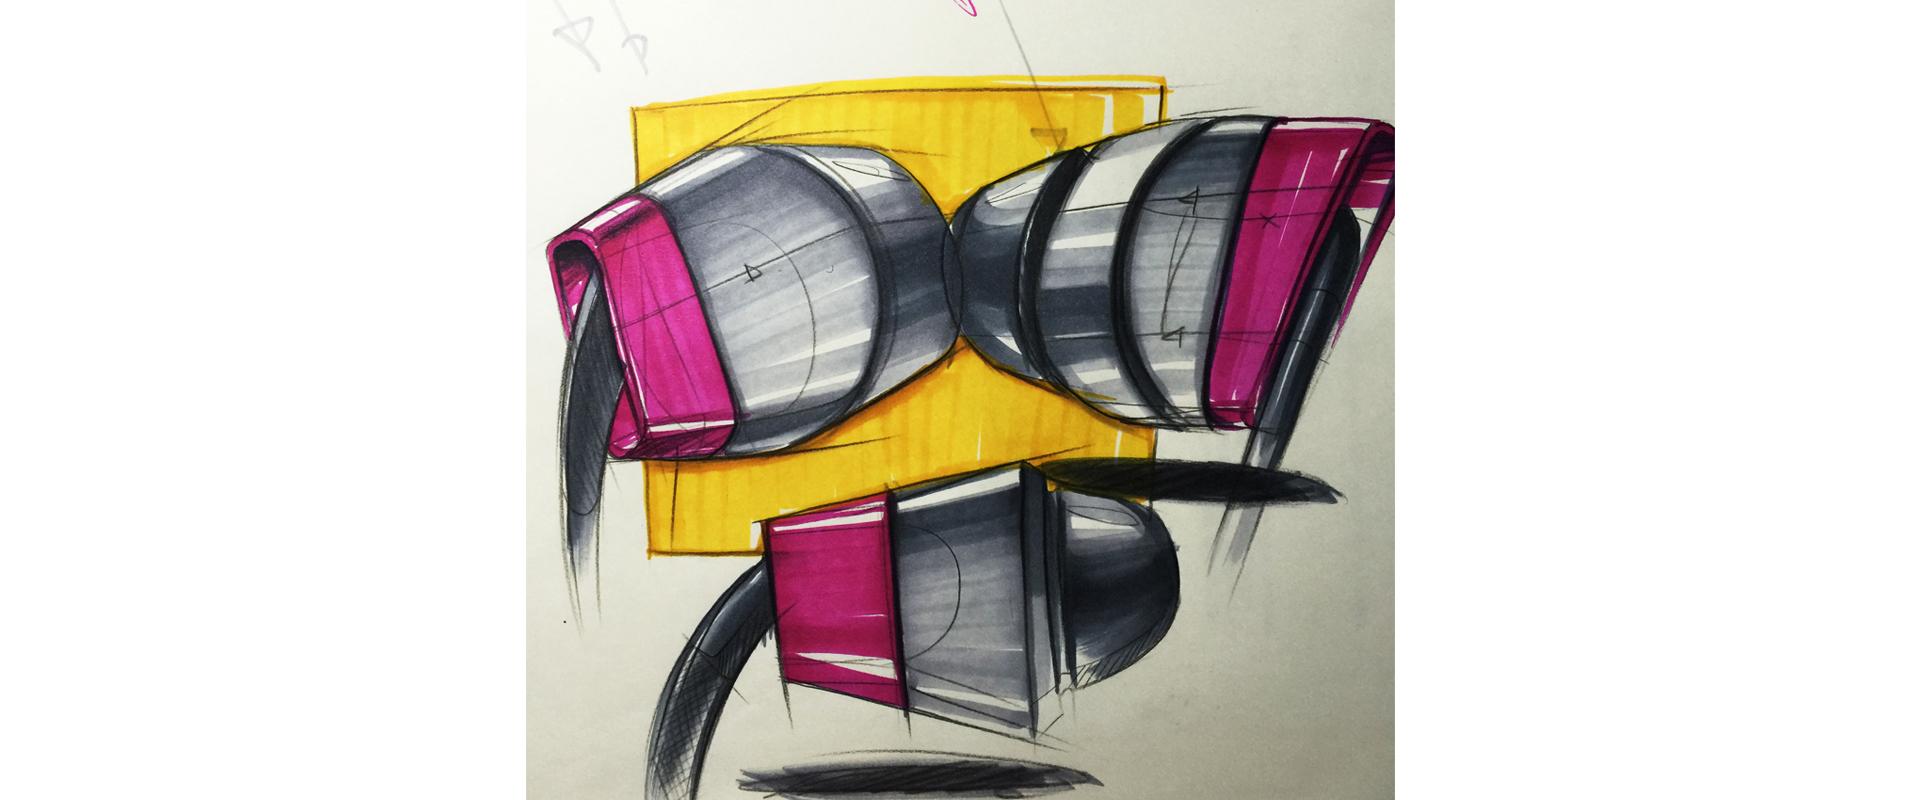 产品设计手绘手稿-马克笔表达|工业/产品|电子产品|嗨